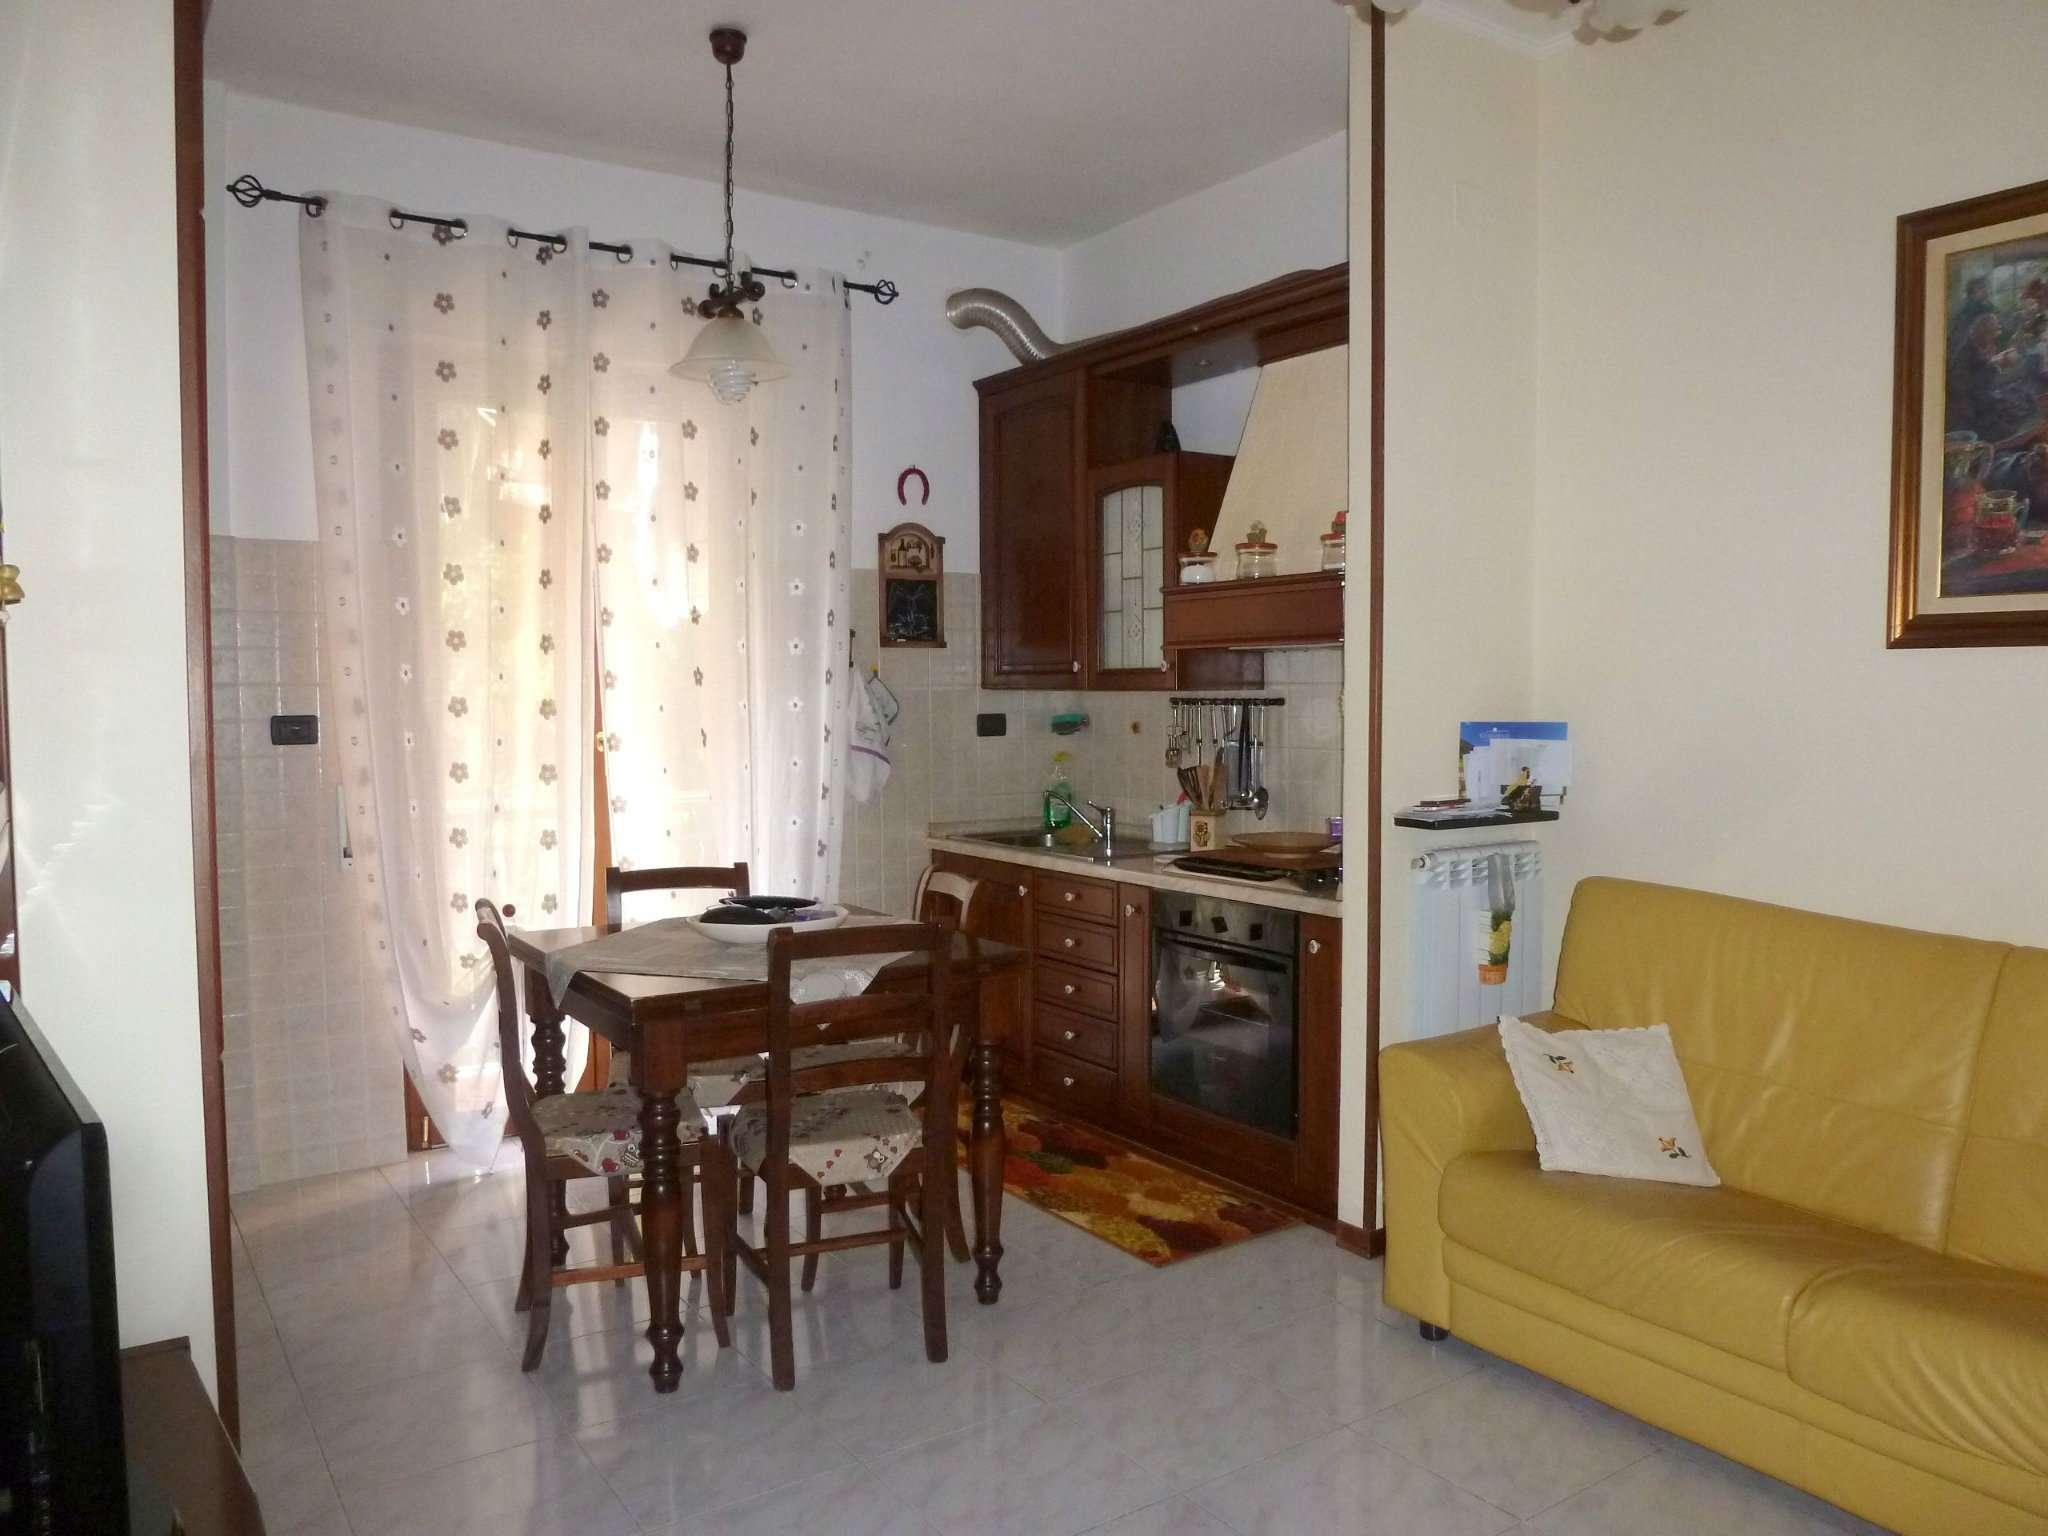 Appartamento in vendita a Ceranesi, 2 locali, prezzo € 120.000 | CambioCasa.it